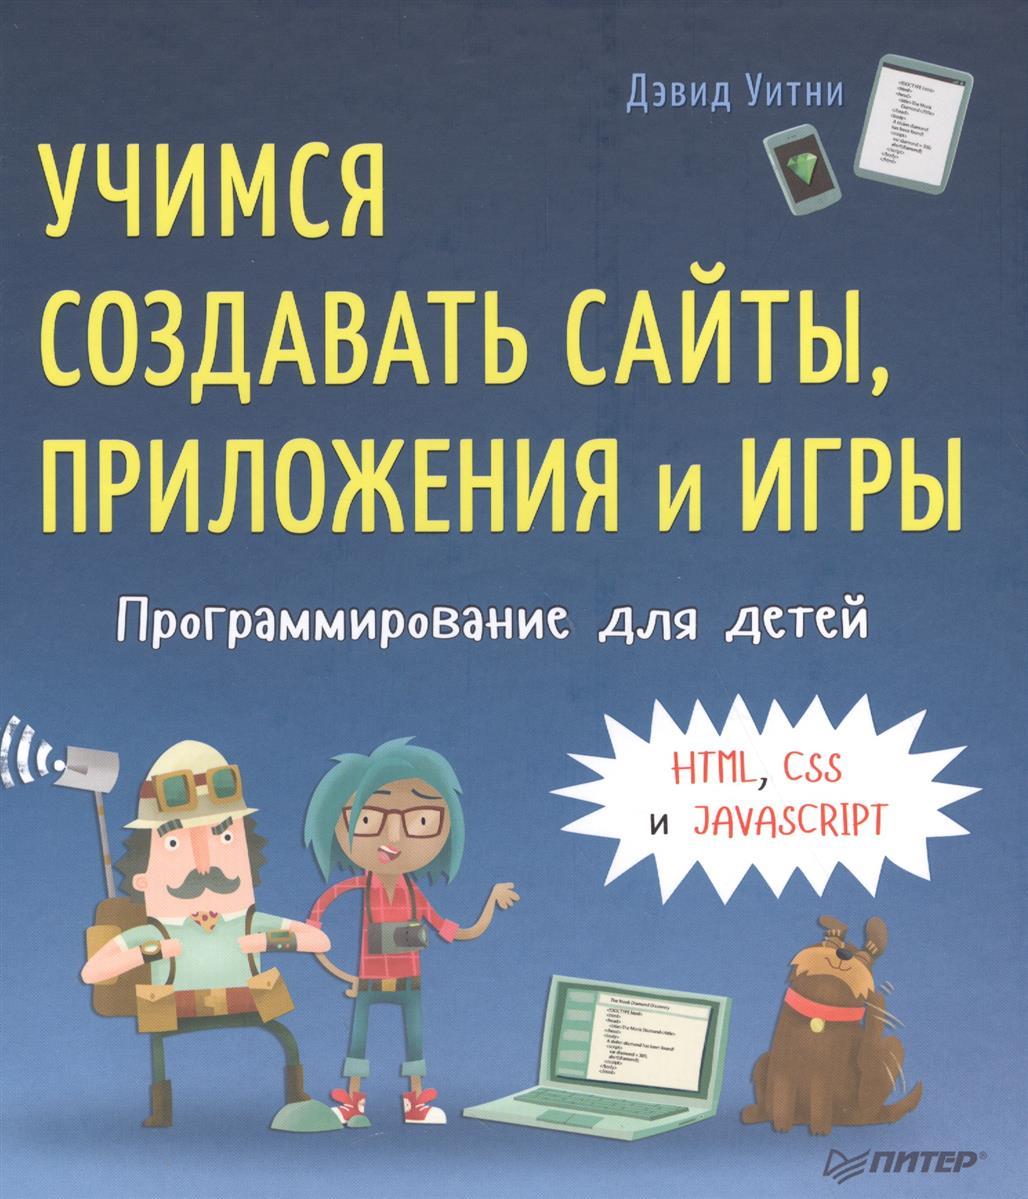 Уитни Д. Программирование для детей. Учимся создавать сайты, приложения и игры. HTML, CSS и JavaScript никсон р создаем динамические веб сайты с помощью php mysql javascript css и html5